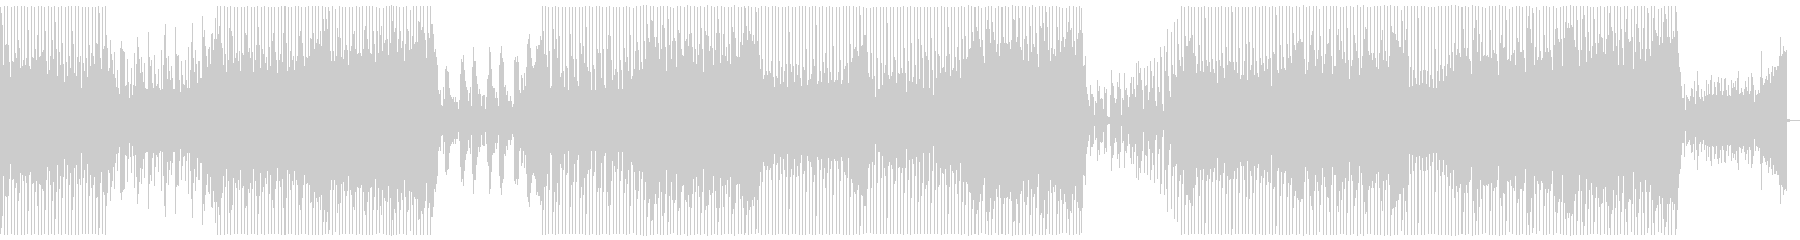 アコースティックギターハウスミュージックの未再生の波形